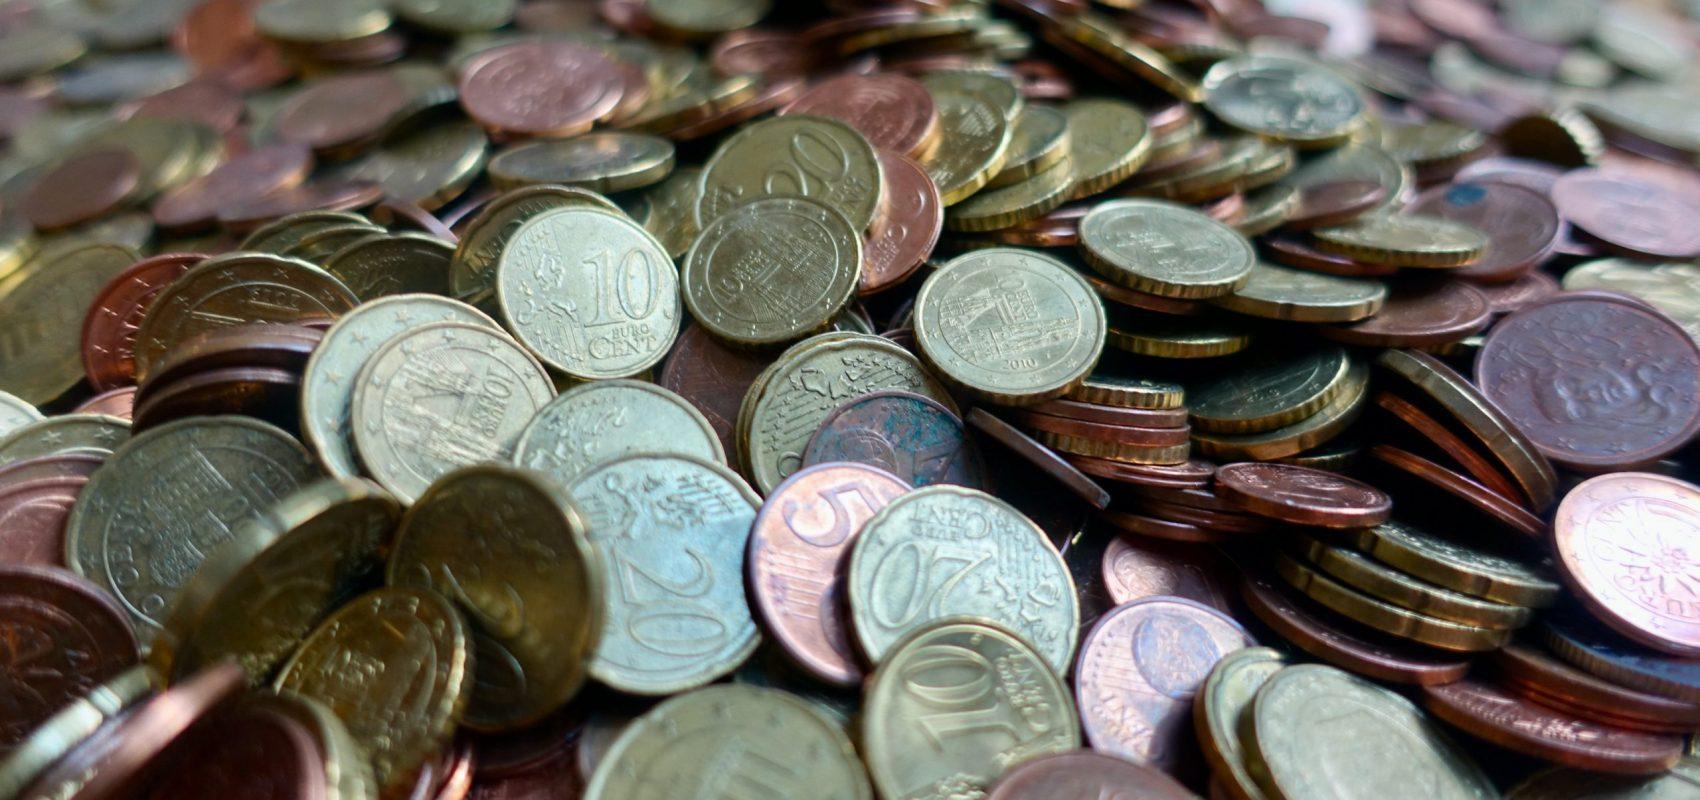 Kopie geld